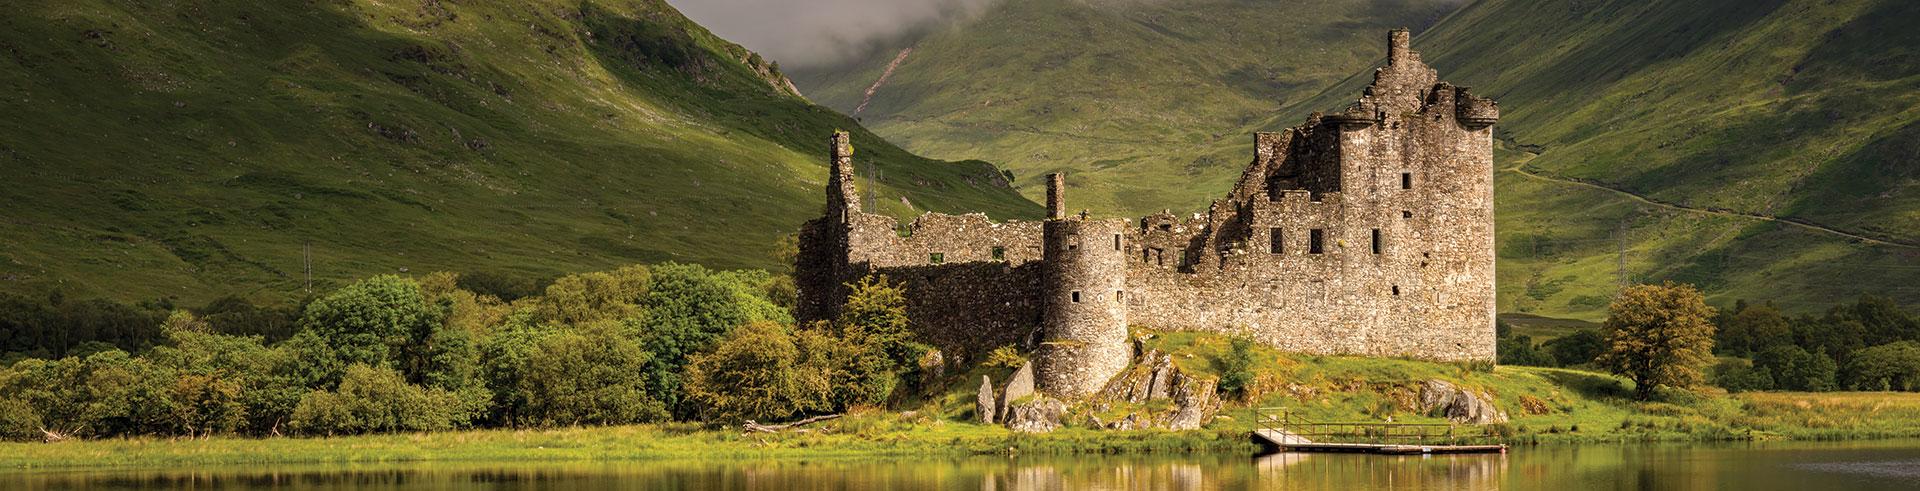 west highland lochs castles day tour from edinburgh rabbie s